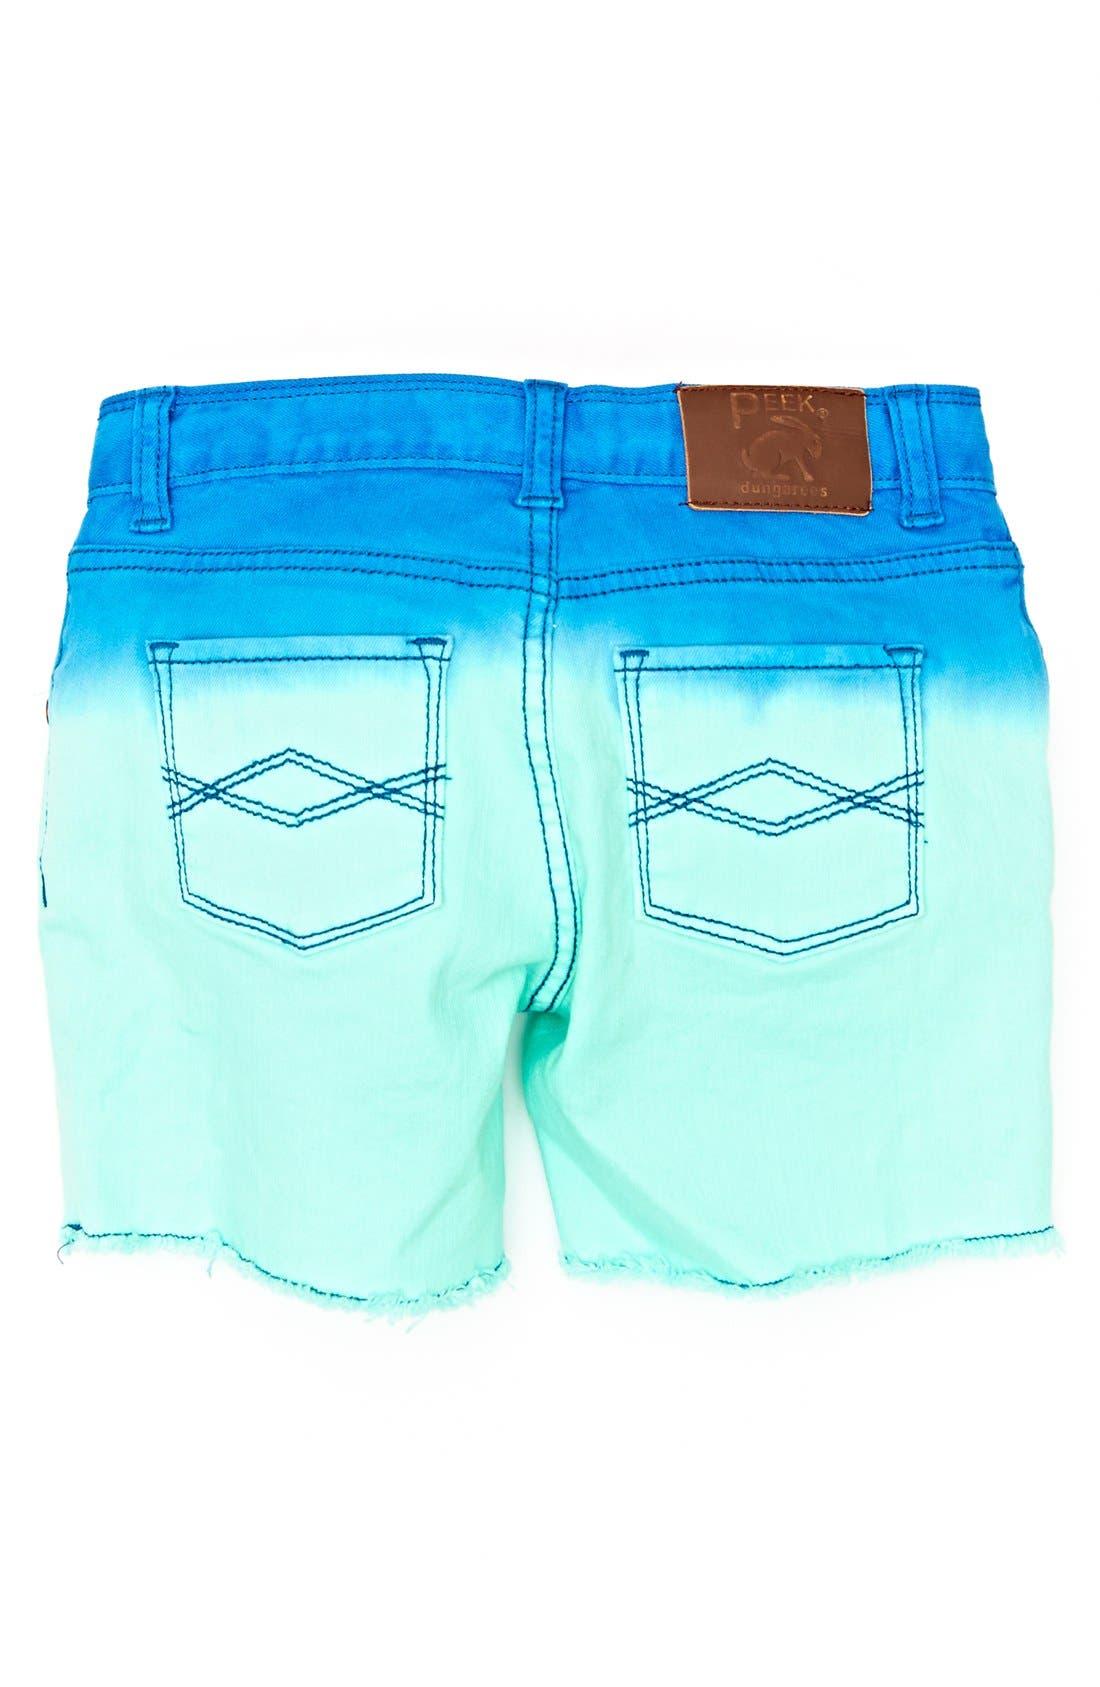 Main Image - Peek 'Griffin' Dip Dye Shorts (Toddler Girls, Little Girls & Big Girls)